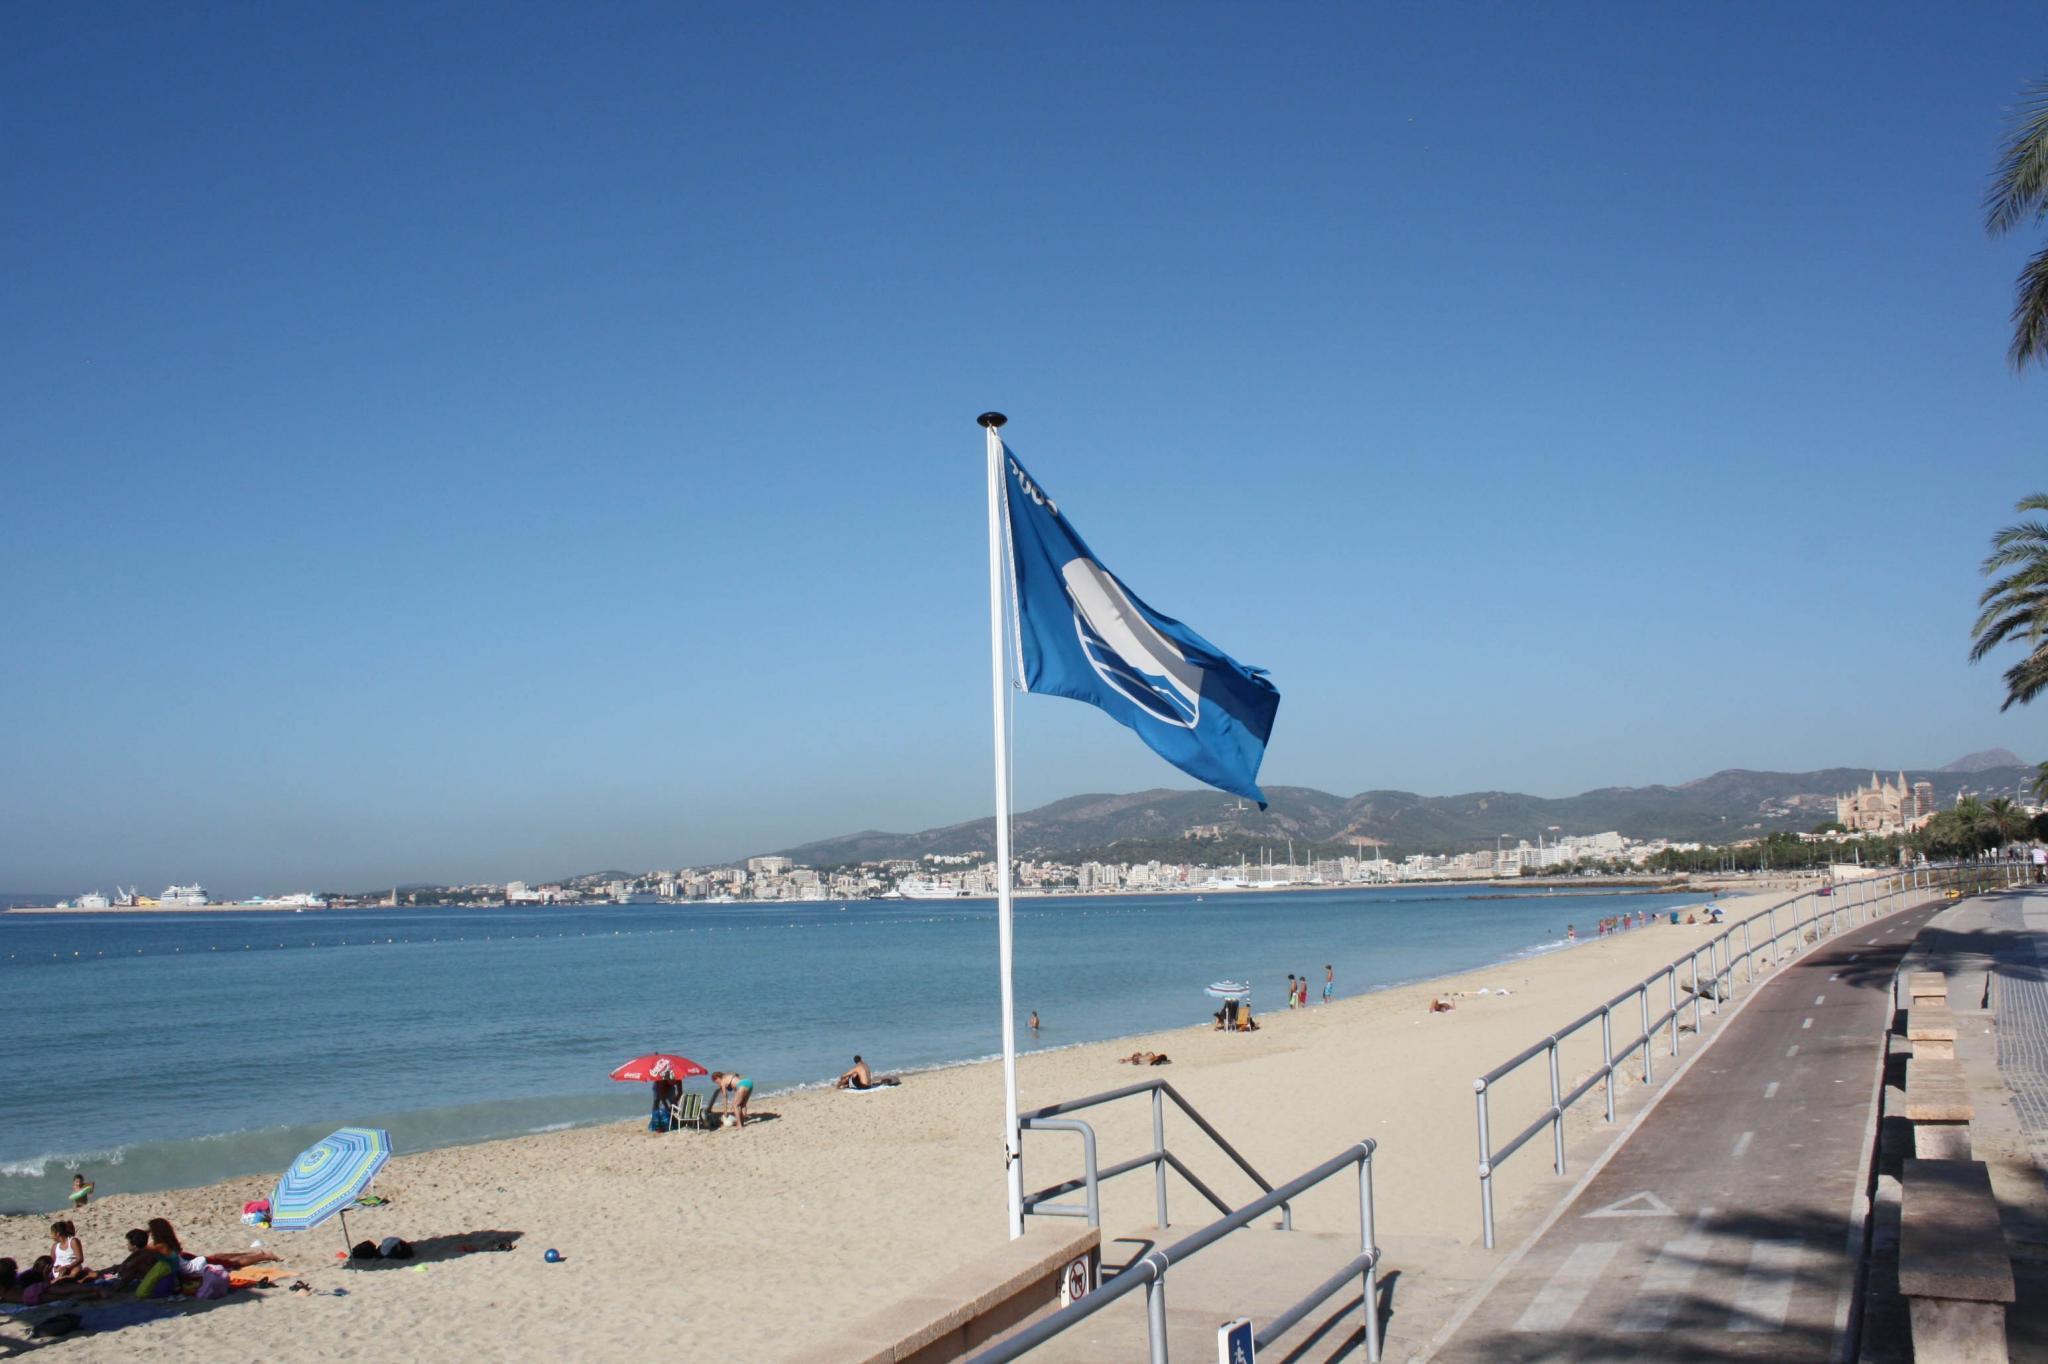 38 blaue flaggen wehen diesen sommer